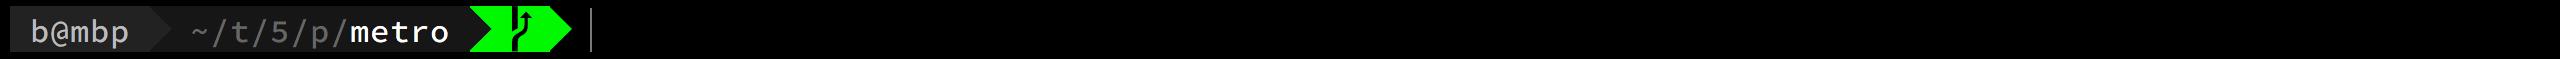 hostinfo